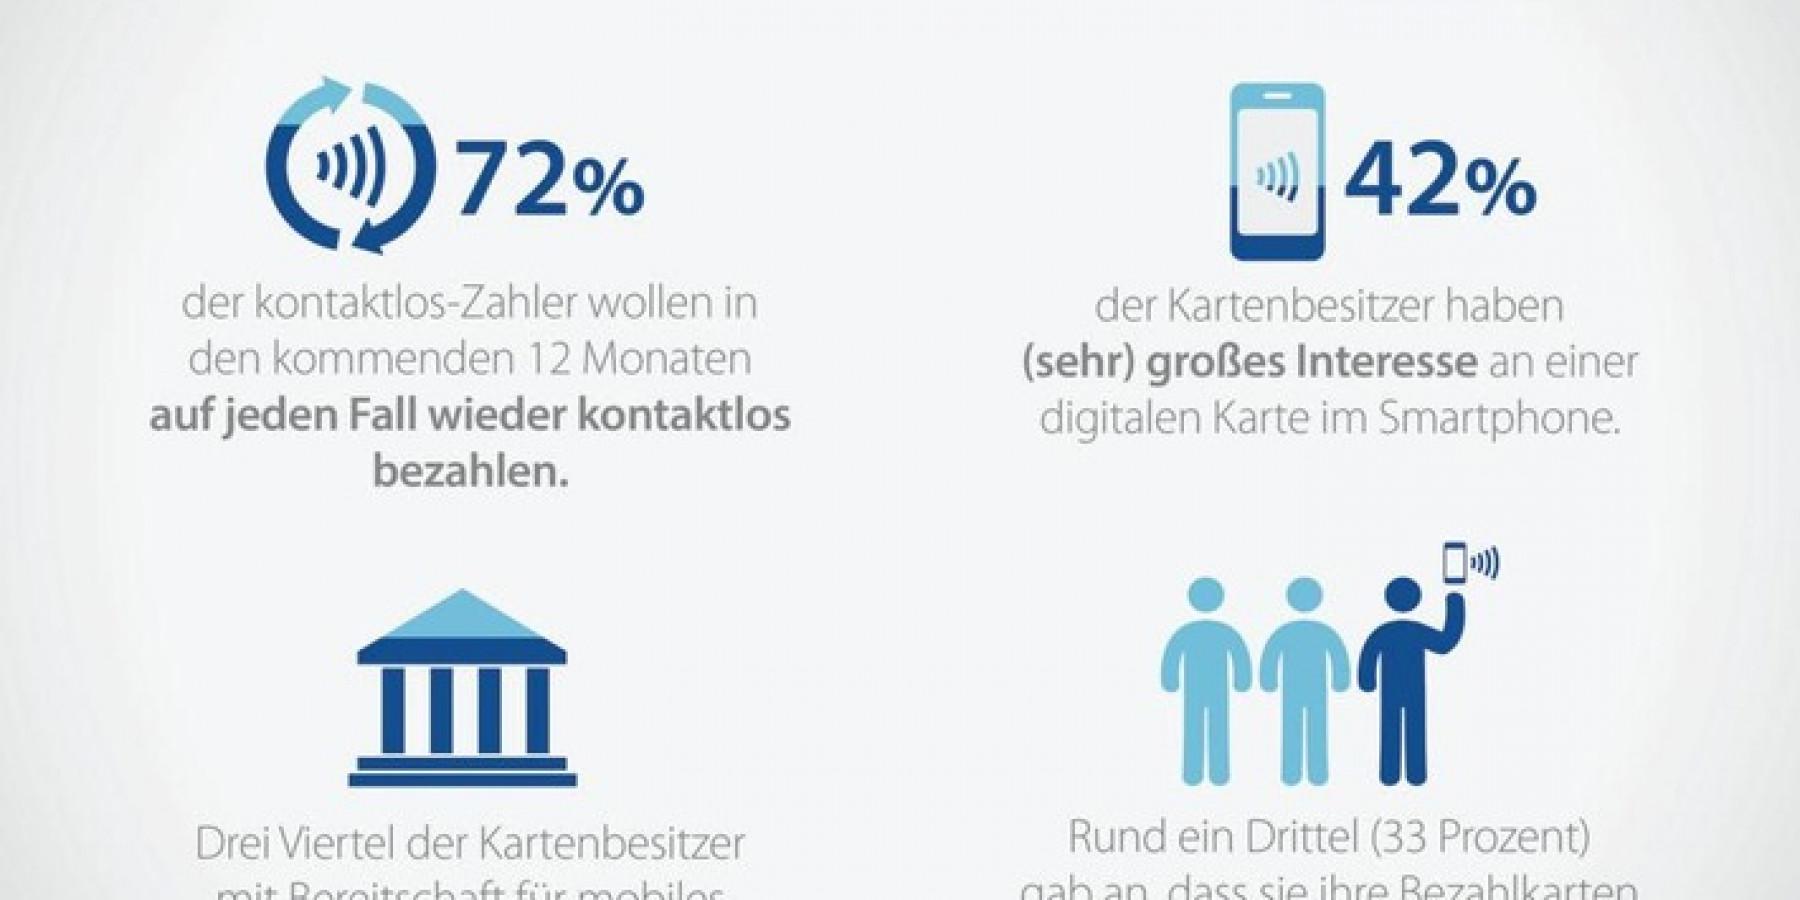 1 Jahr digitale girocard: Mit Smartphone bezahlen, bitte